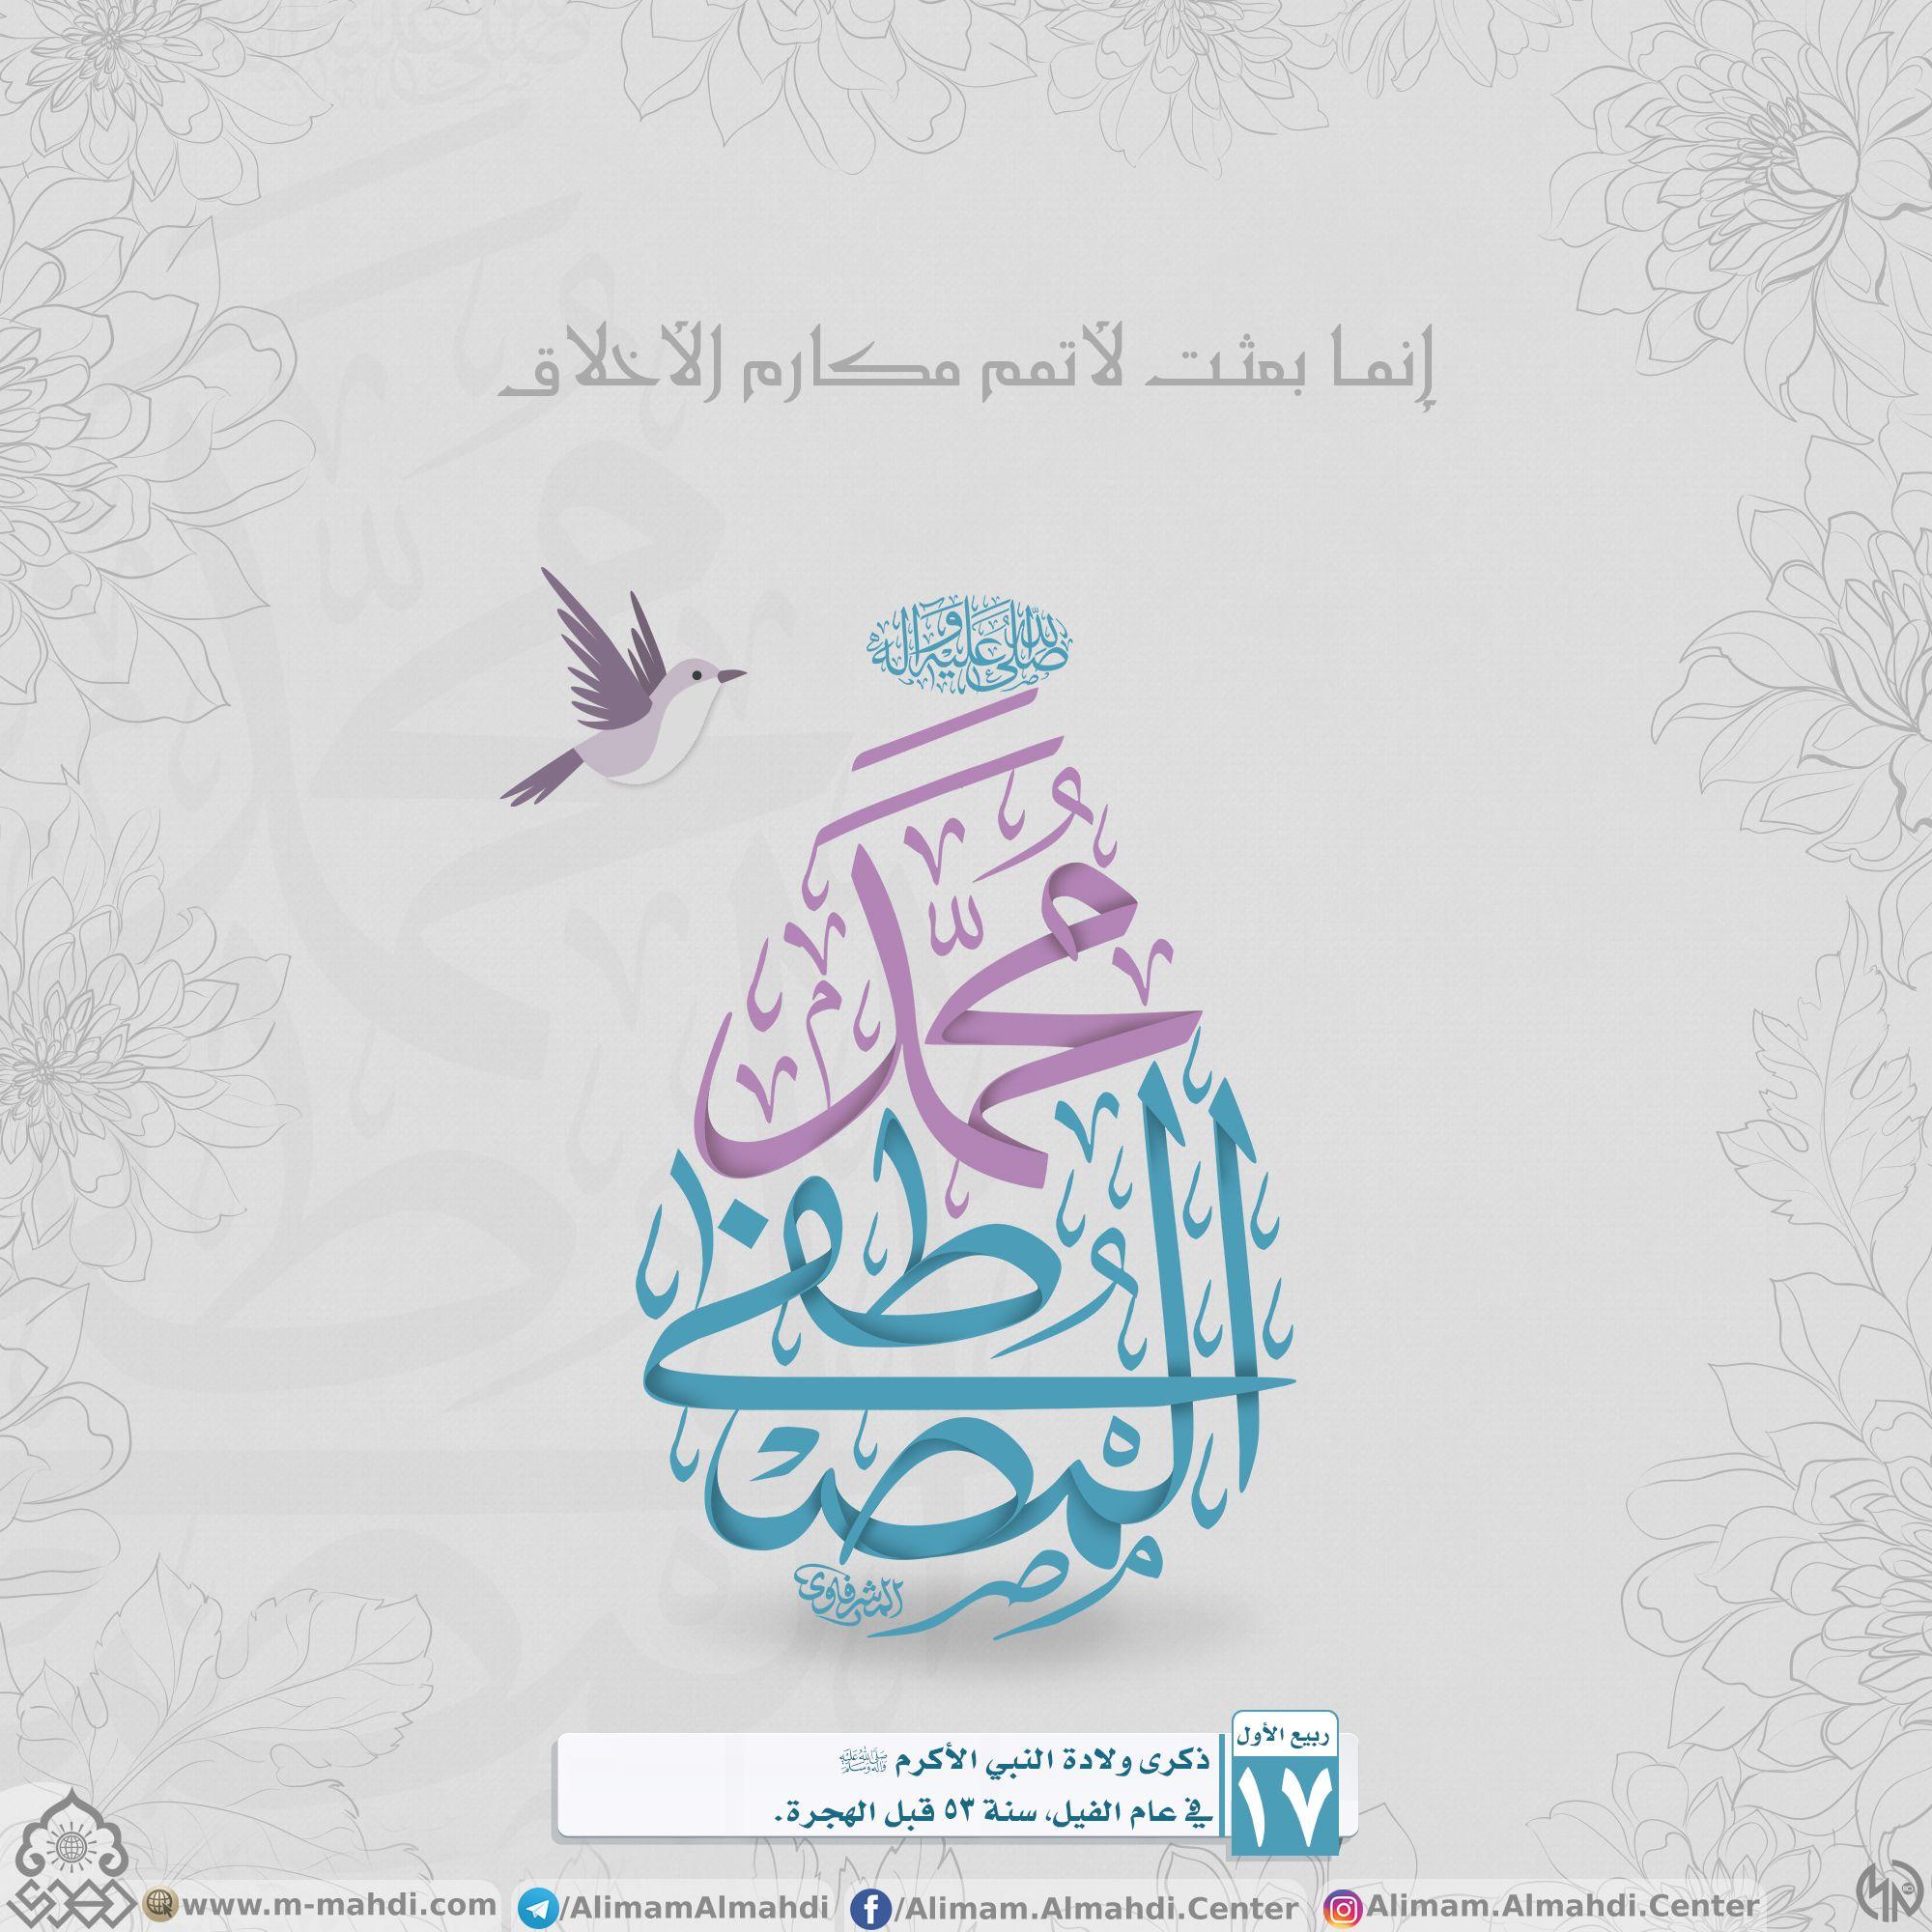 ذكرى ولادة النبي الأكرم محمد صلى الله عليه وآله وسلم Arabic Art Art Female Sketch